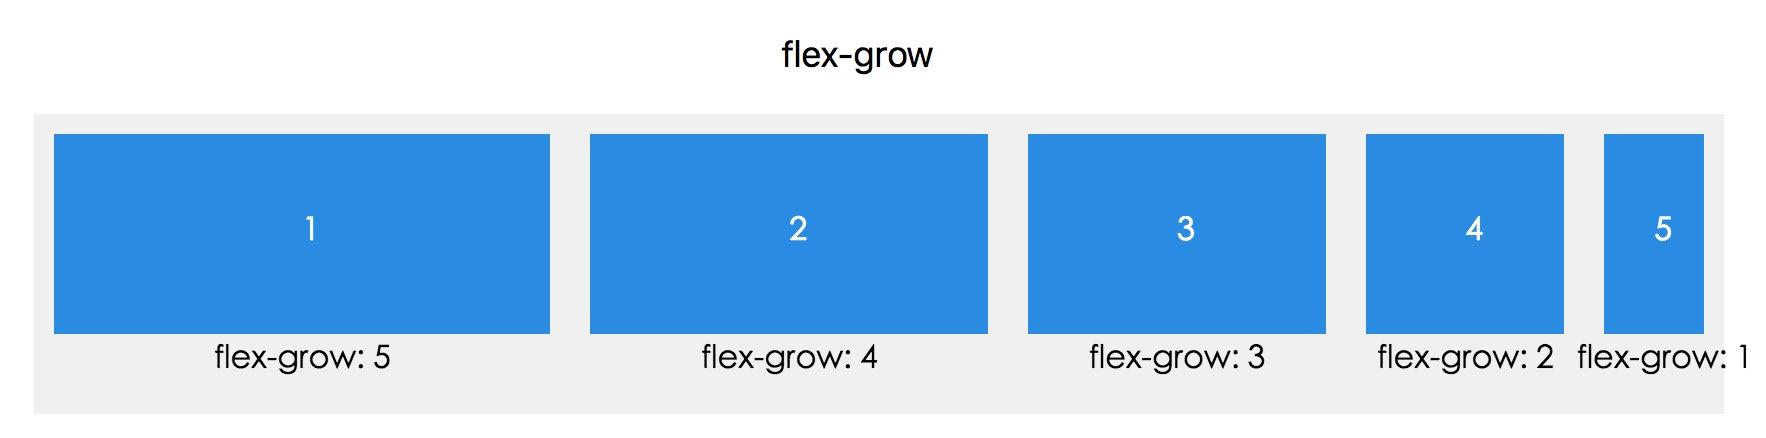 flex-grow图